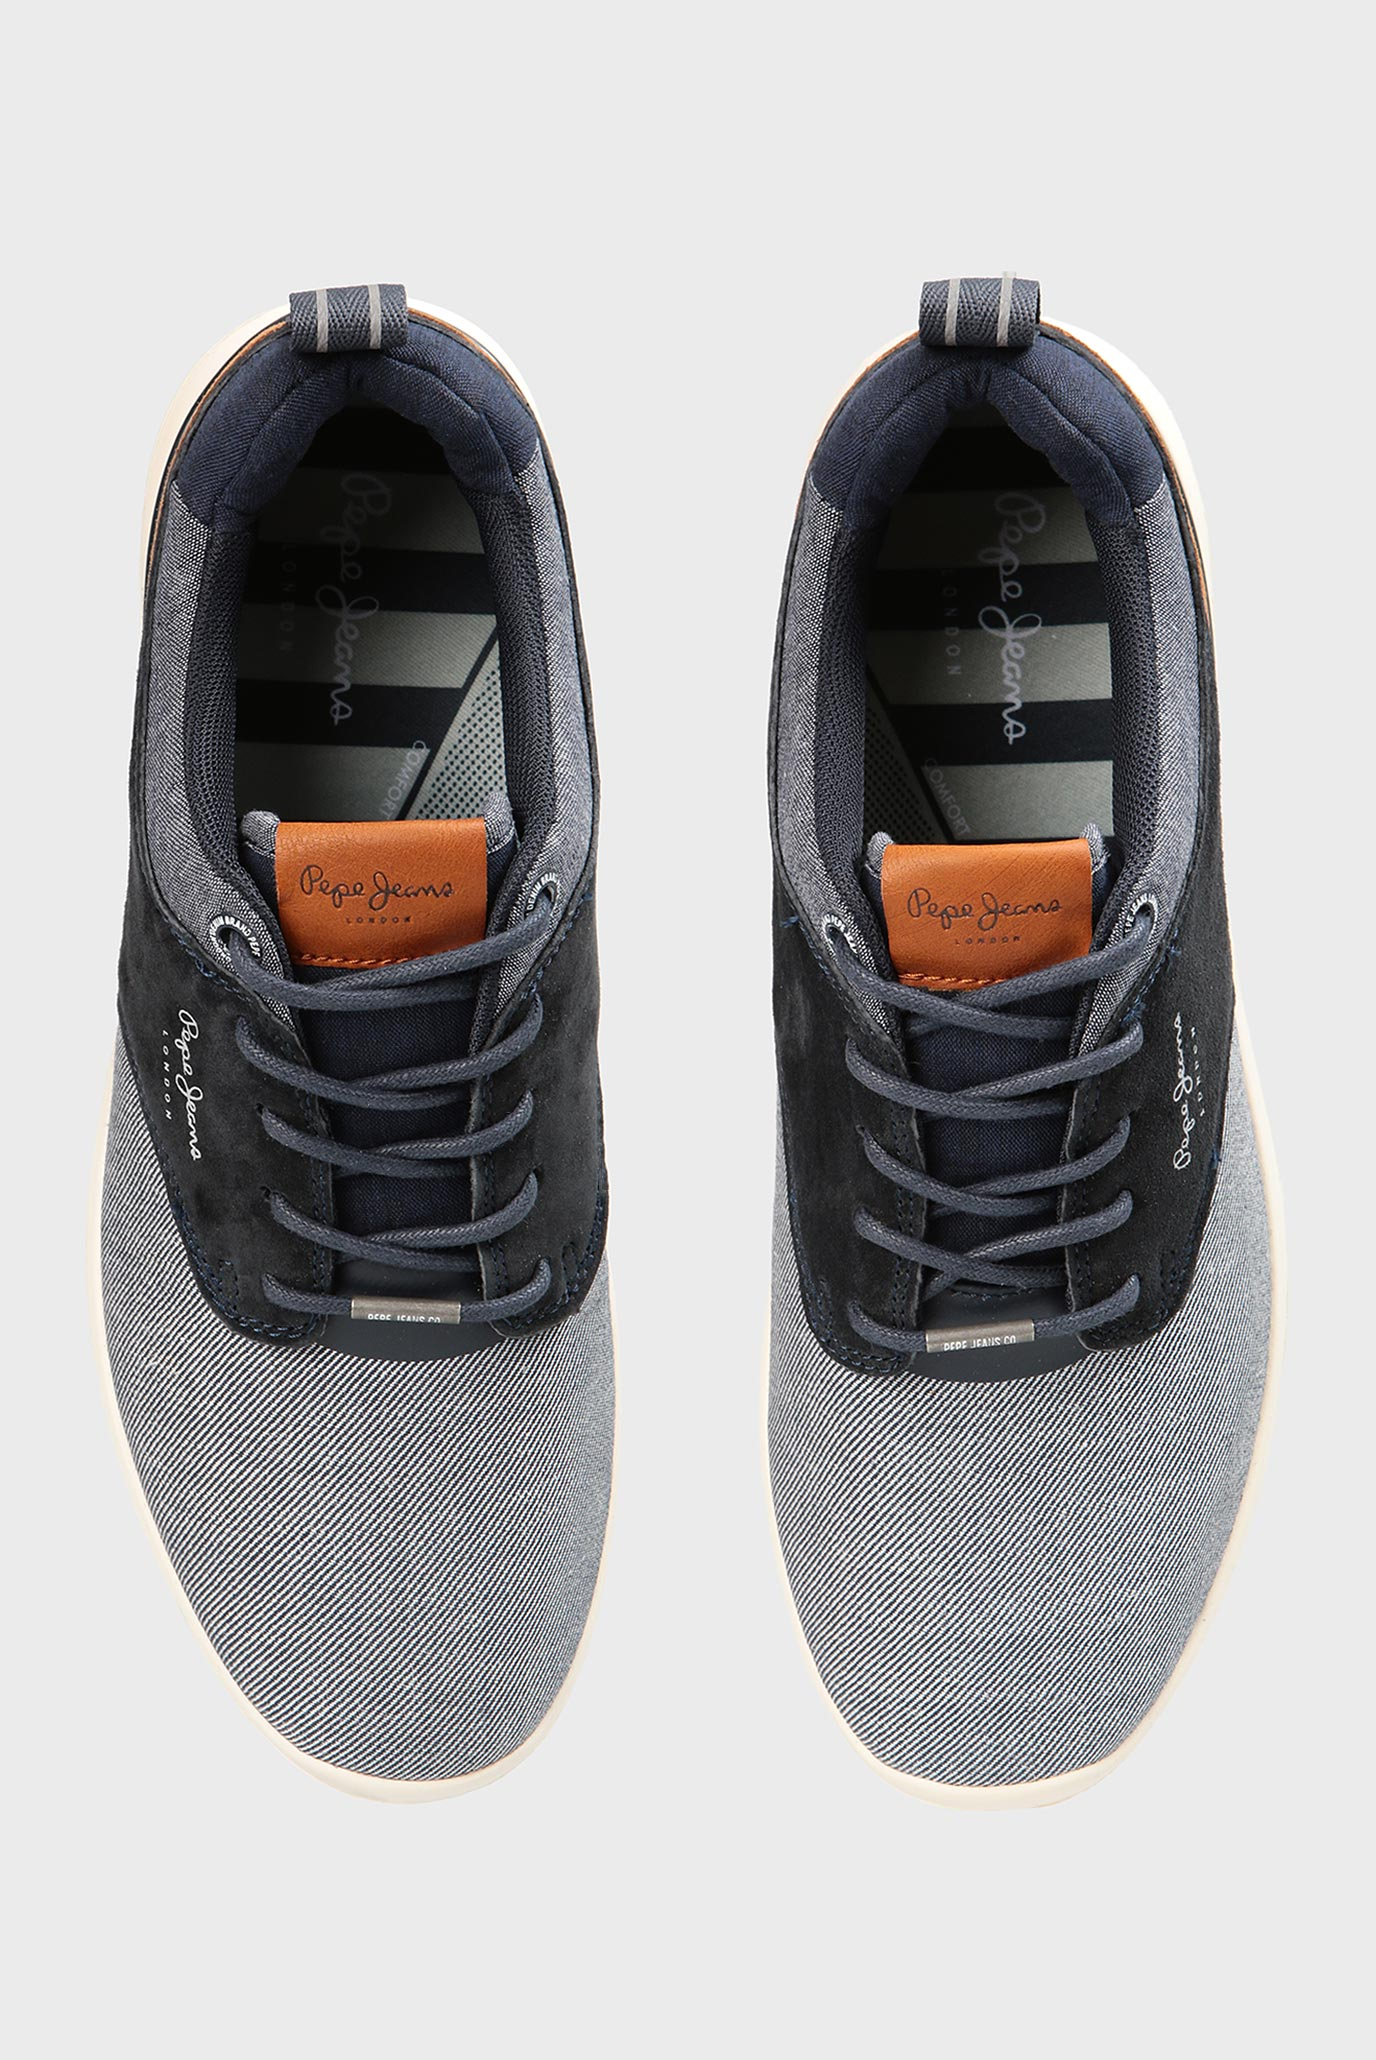 Купить Мужские синие кроссовки Pepe Jeans Pepe Jeans PMS30432 – Киев, Украина. Цены в интернет магазине MD Fashion